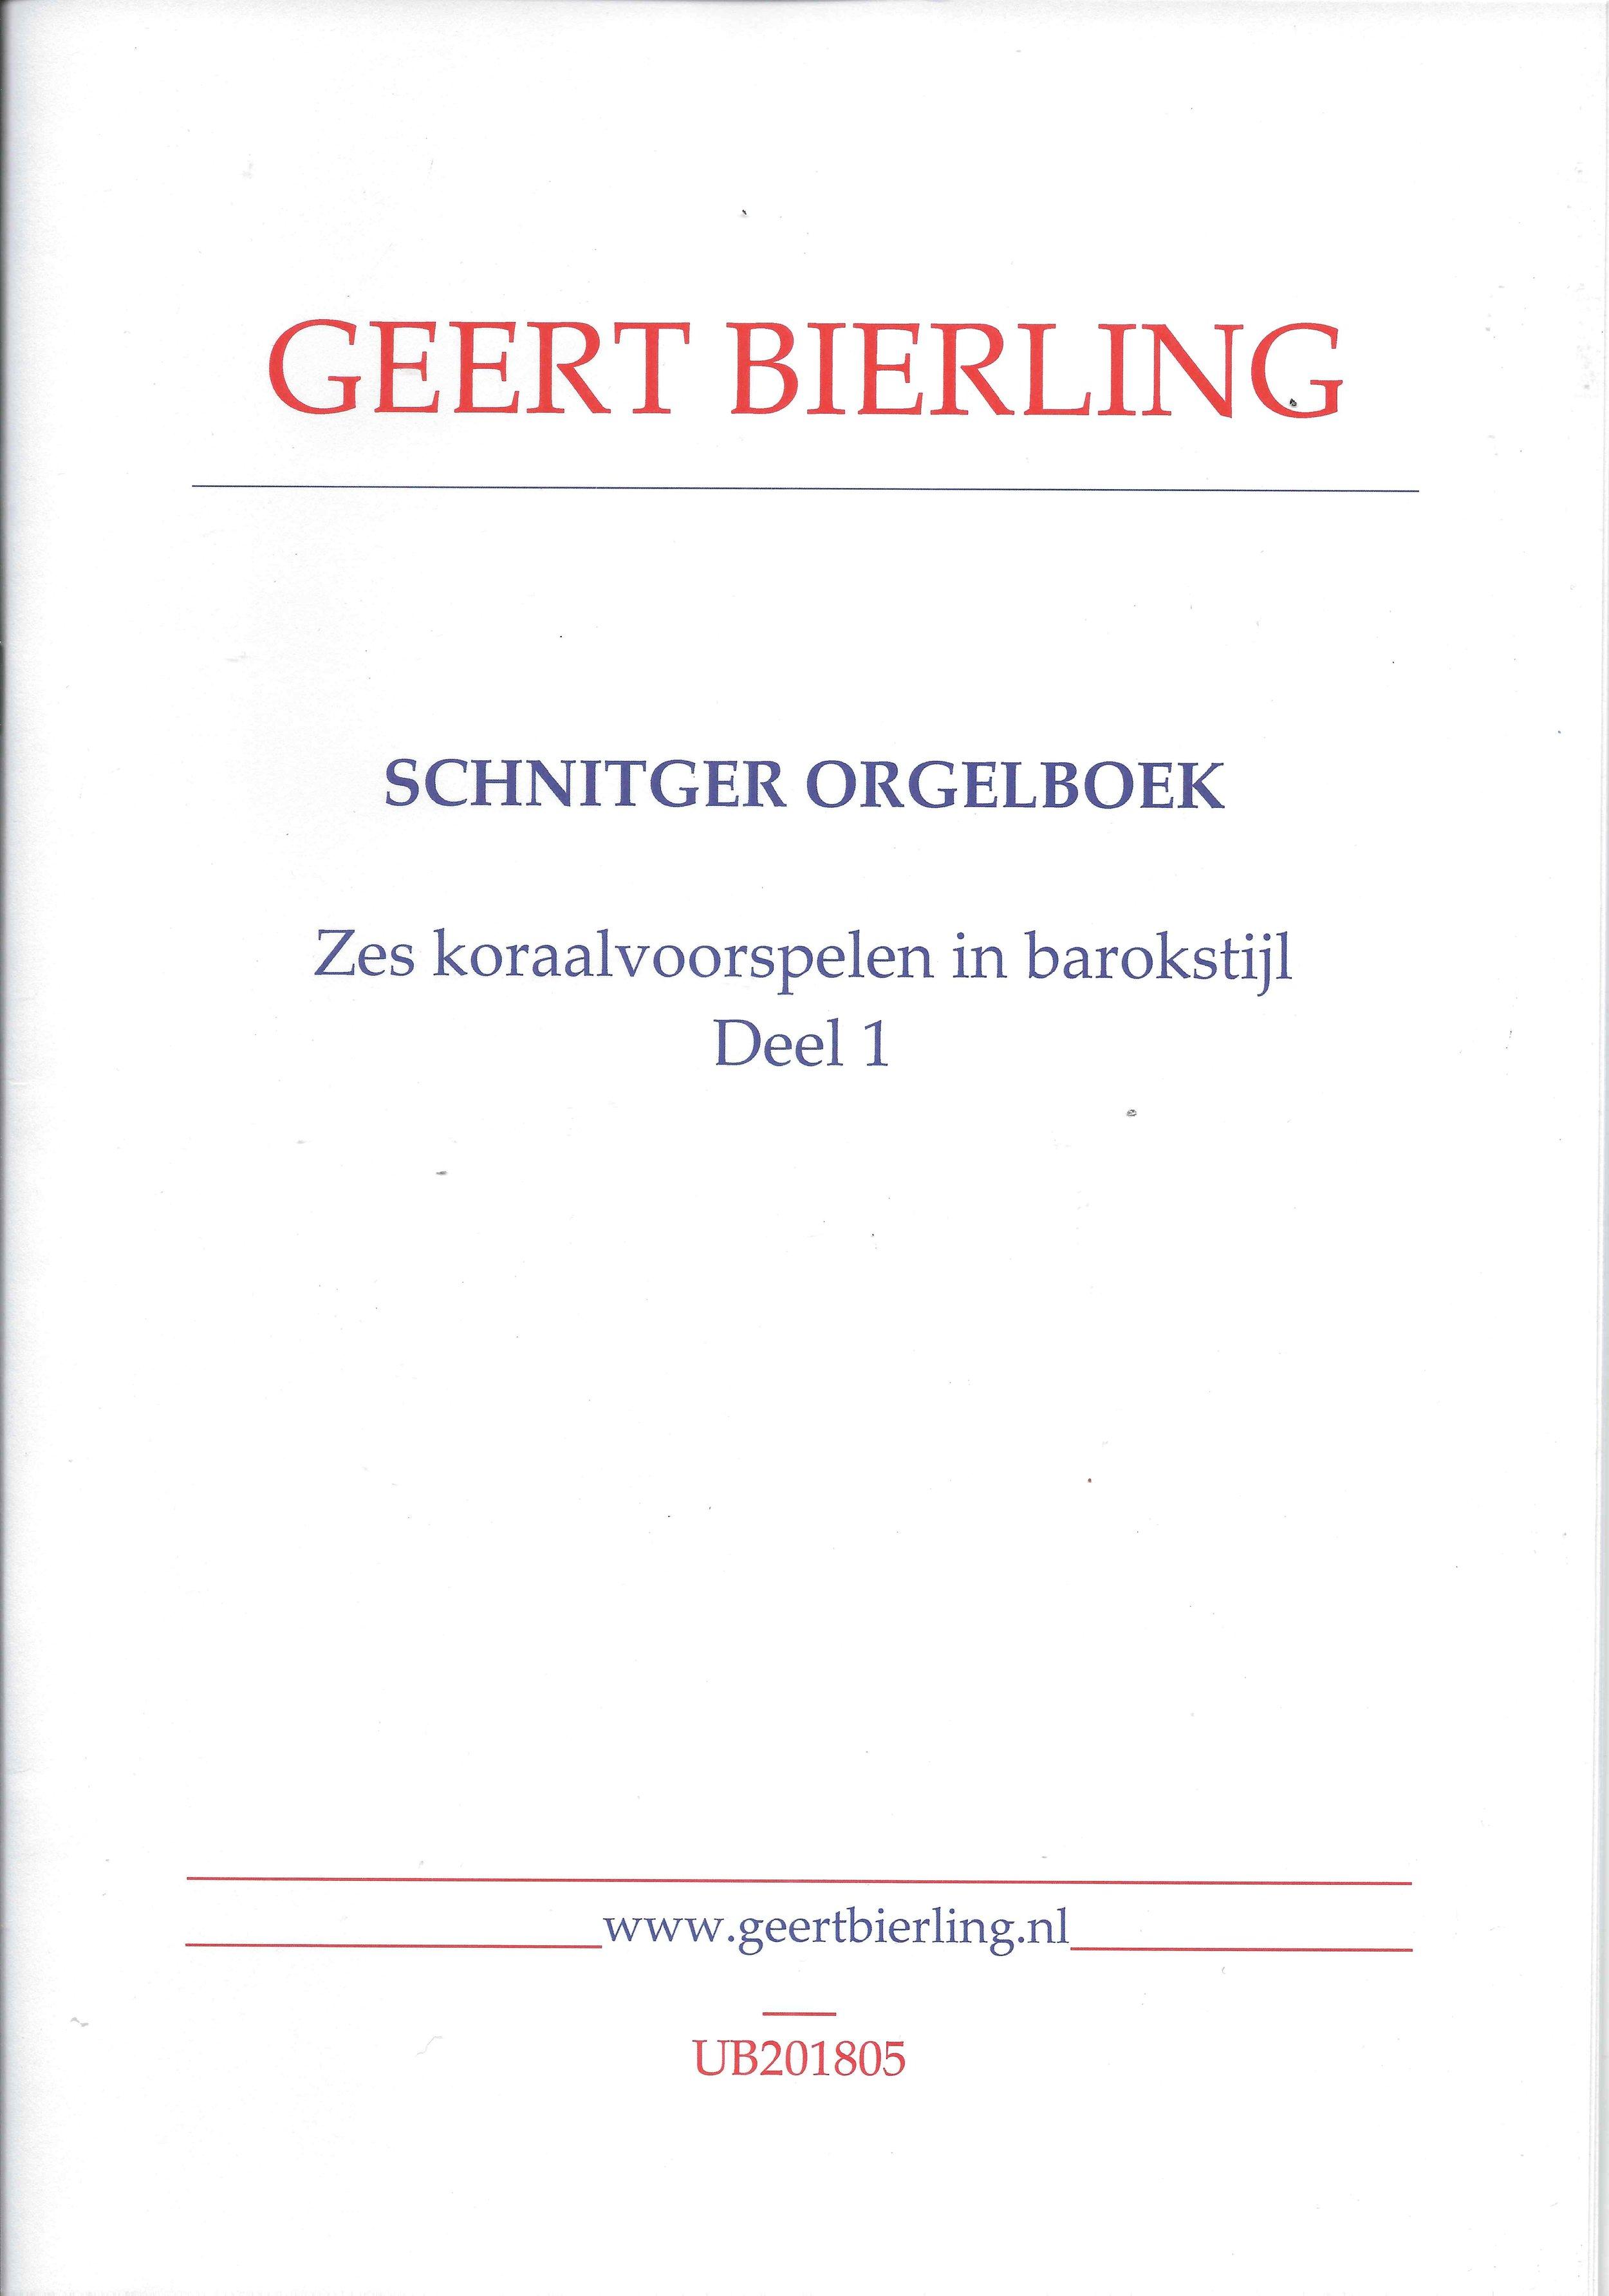 SCHNITGER ORGELBOEK I - front.jpg